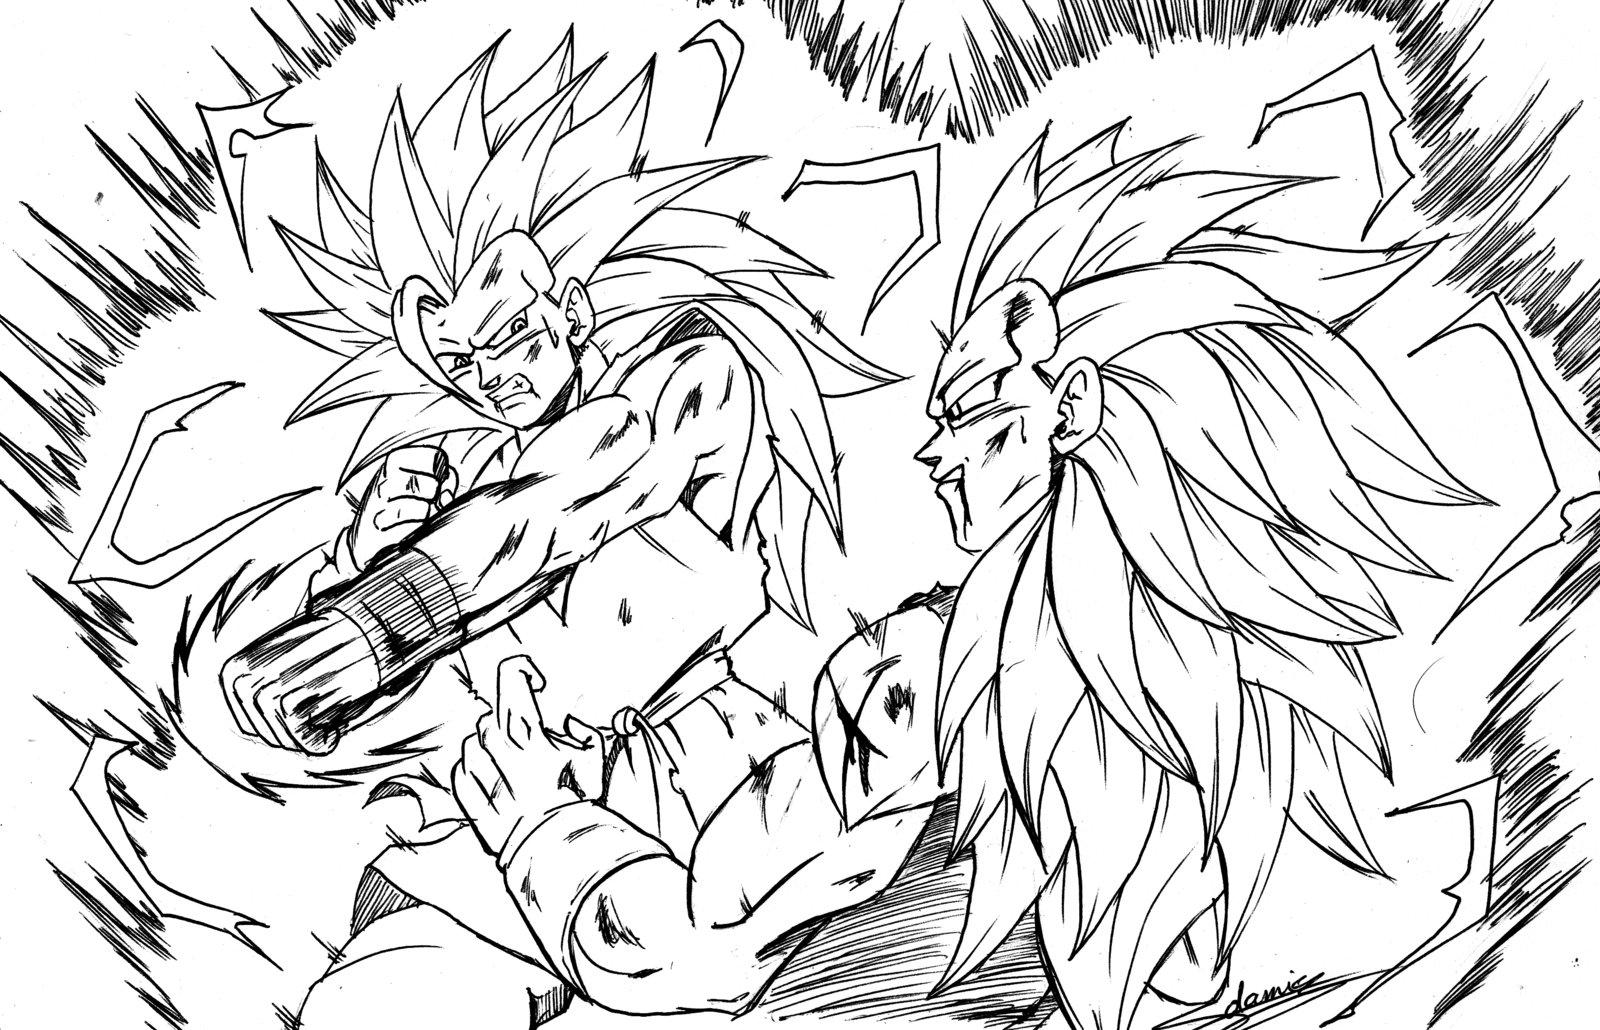 Dibujos Para Colorear Goku Para Imprimir: 112 Dessins De Coloriage Dragon Ball Z à Imprimer Sur